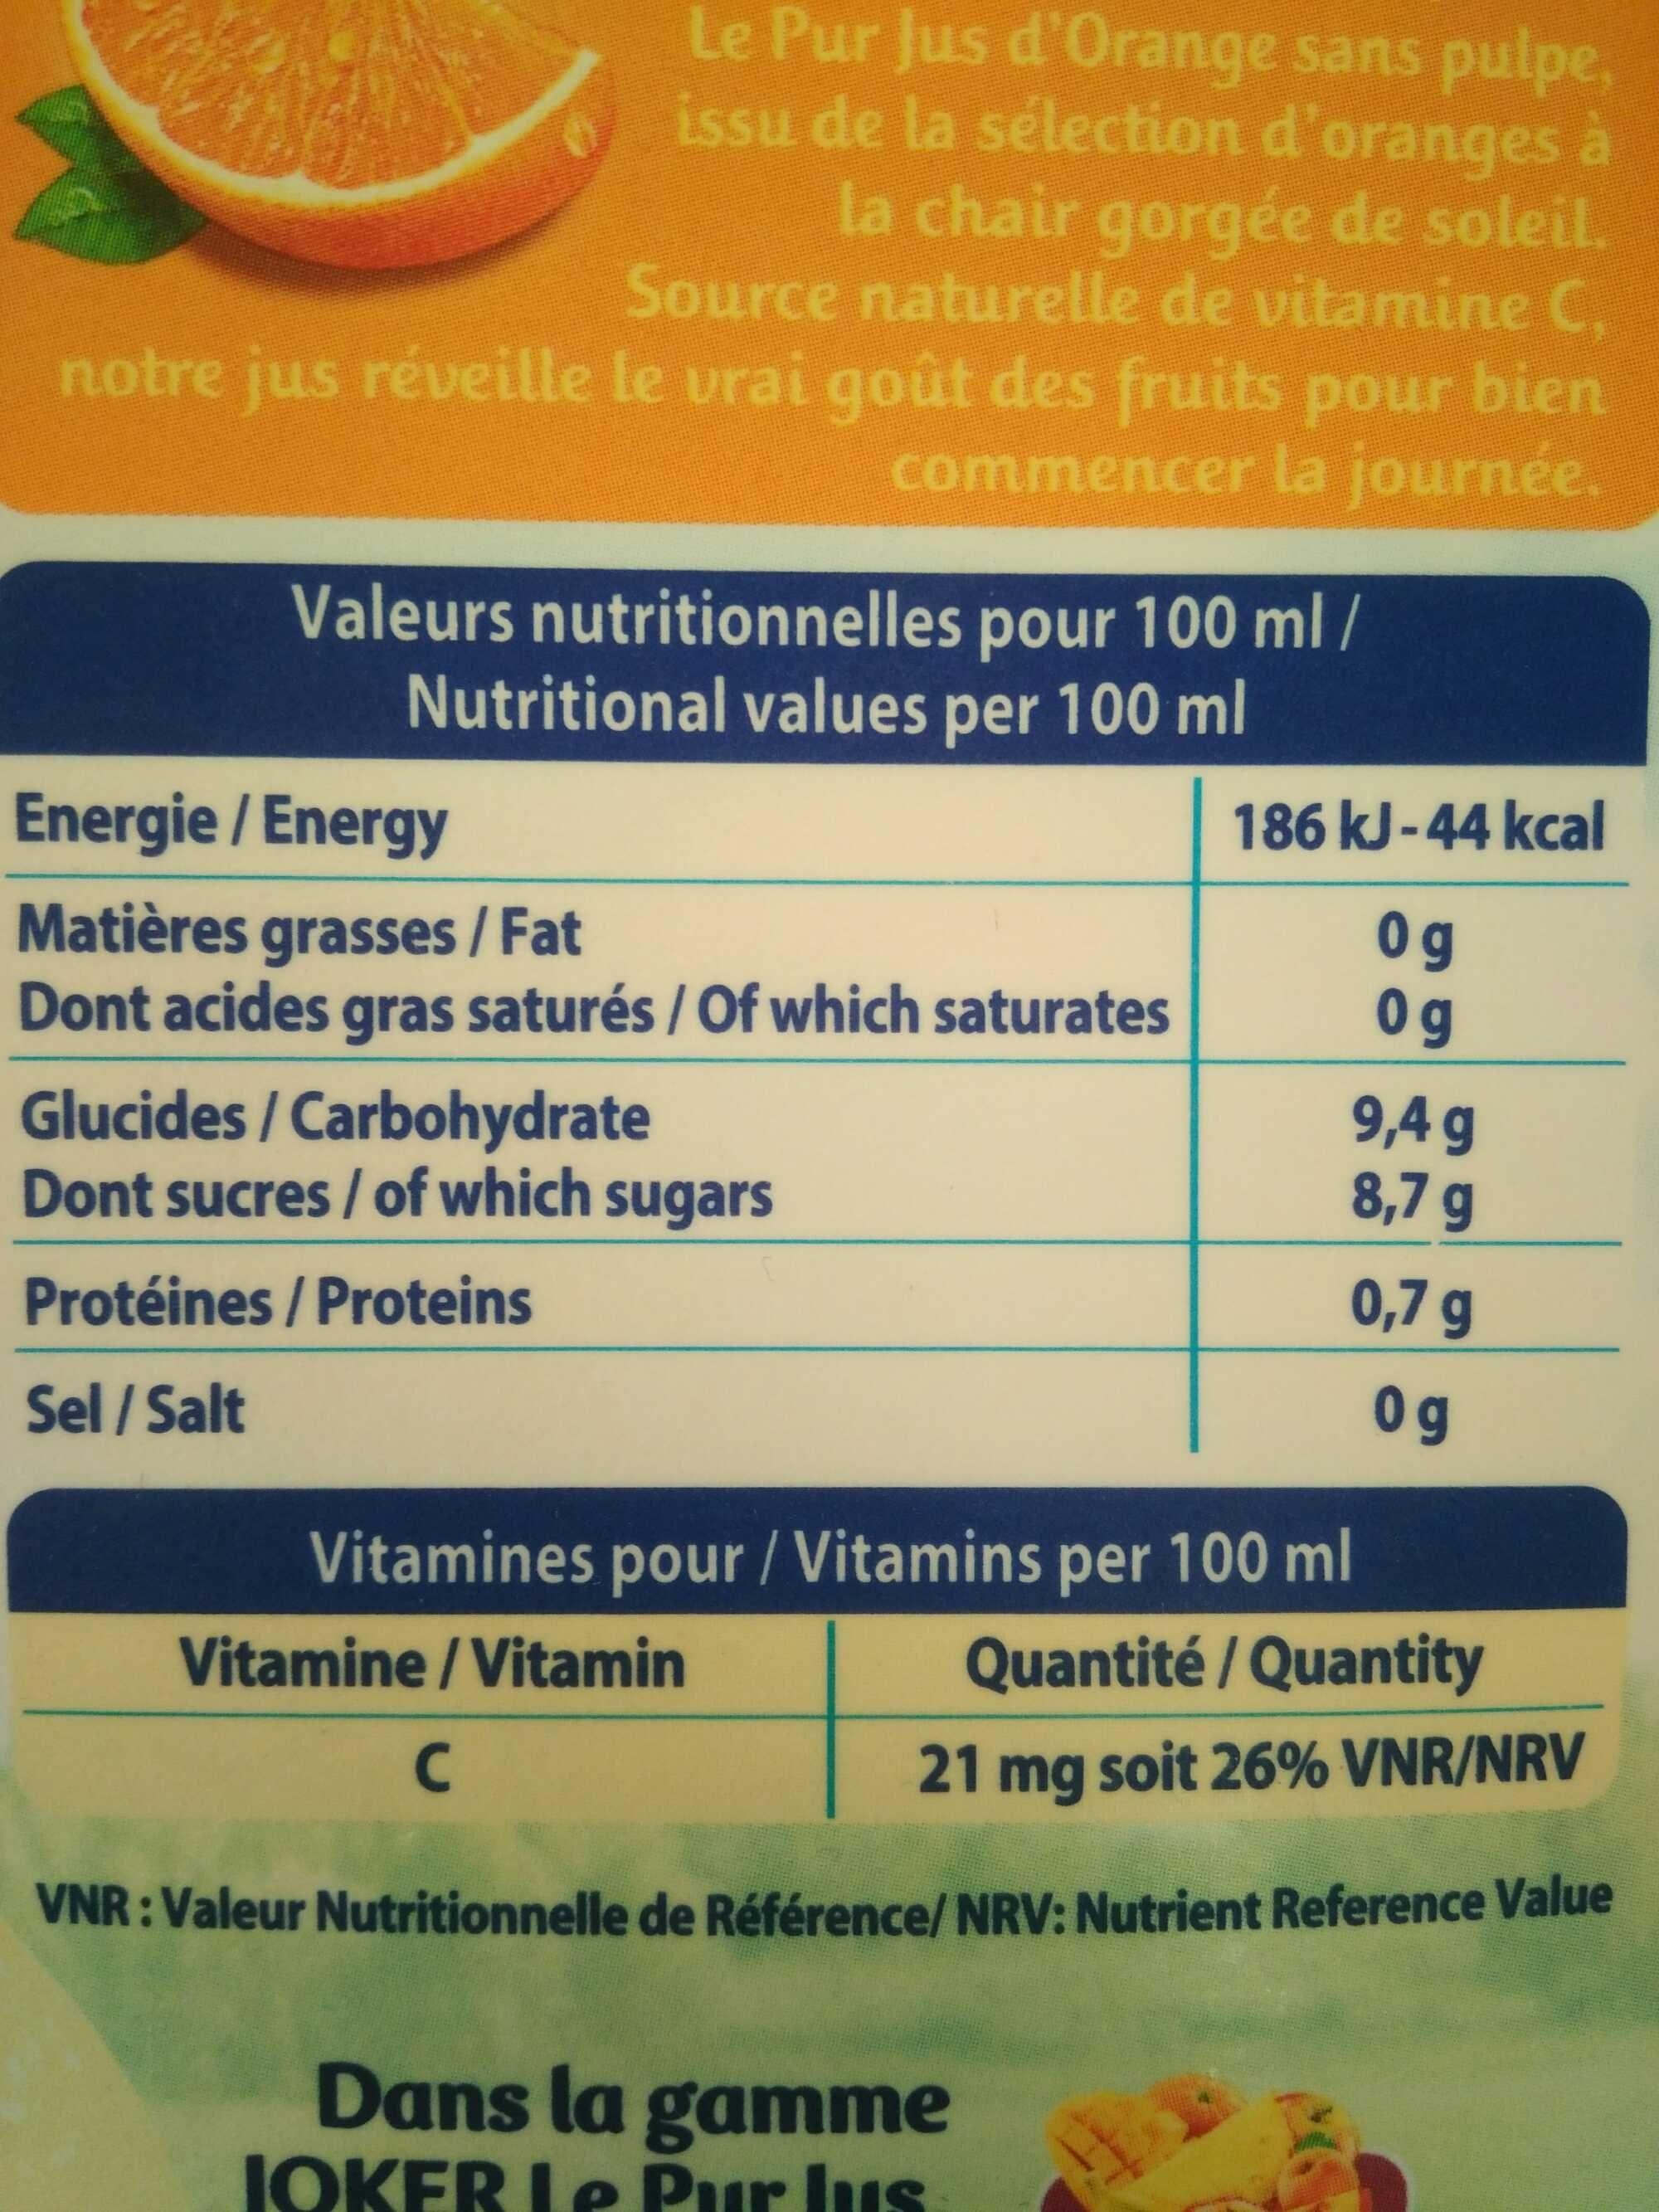 jus d'orange sans pulpe - Voedingswaarden